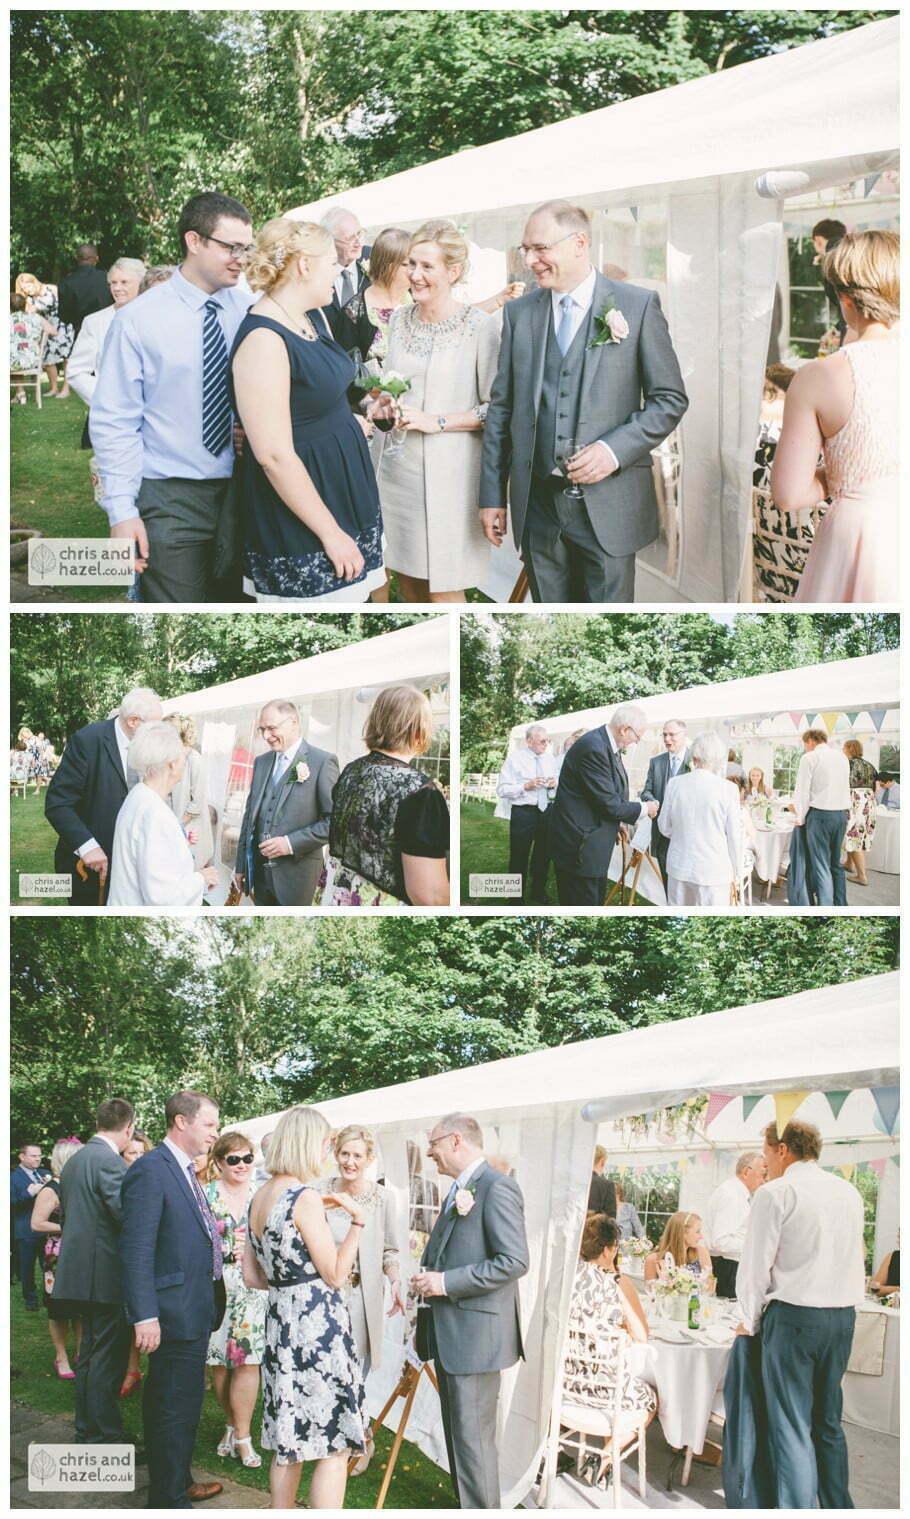 guests outside english garden wedding Leeds wedding photography leeds robin young clare robertson wedding